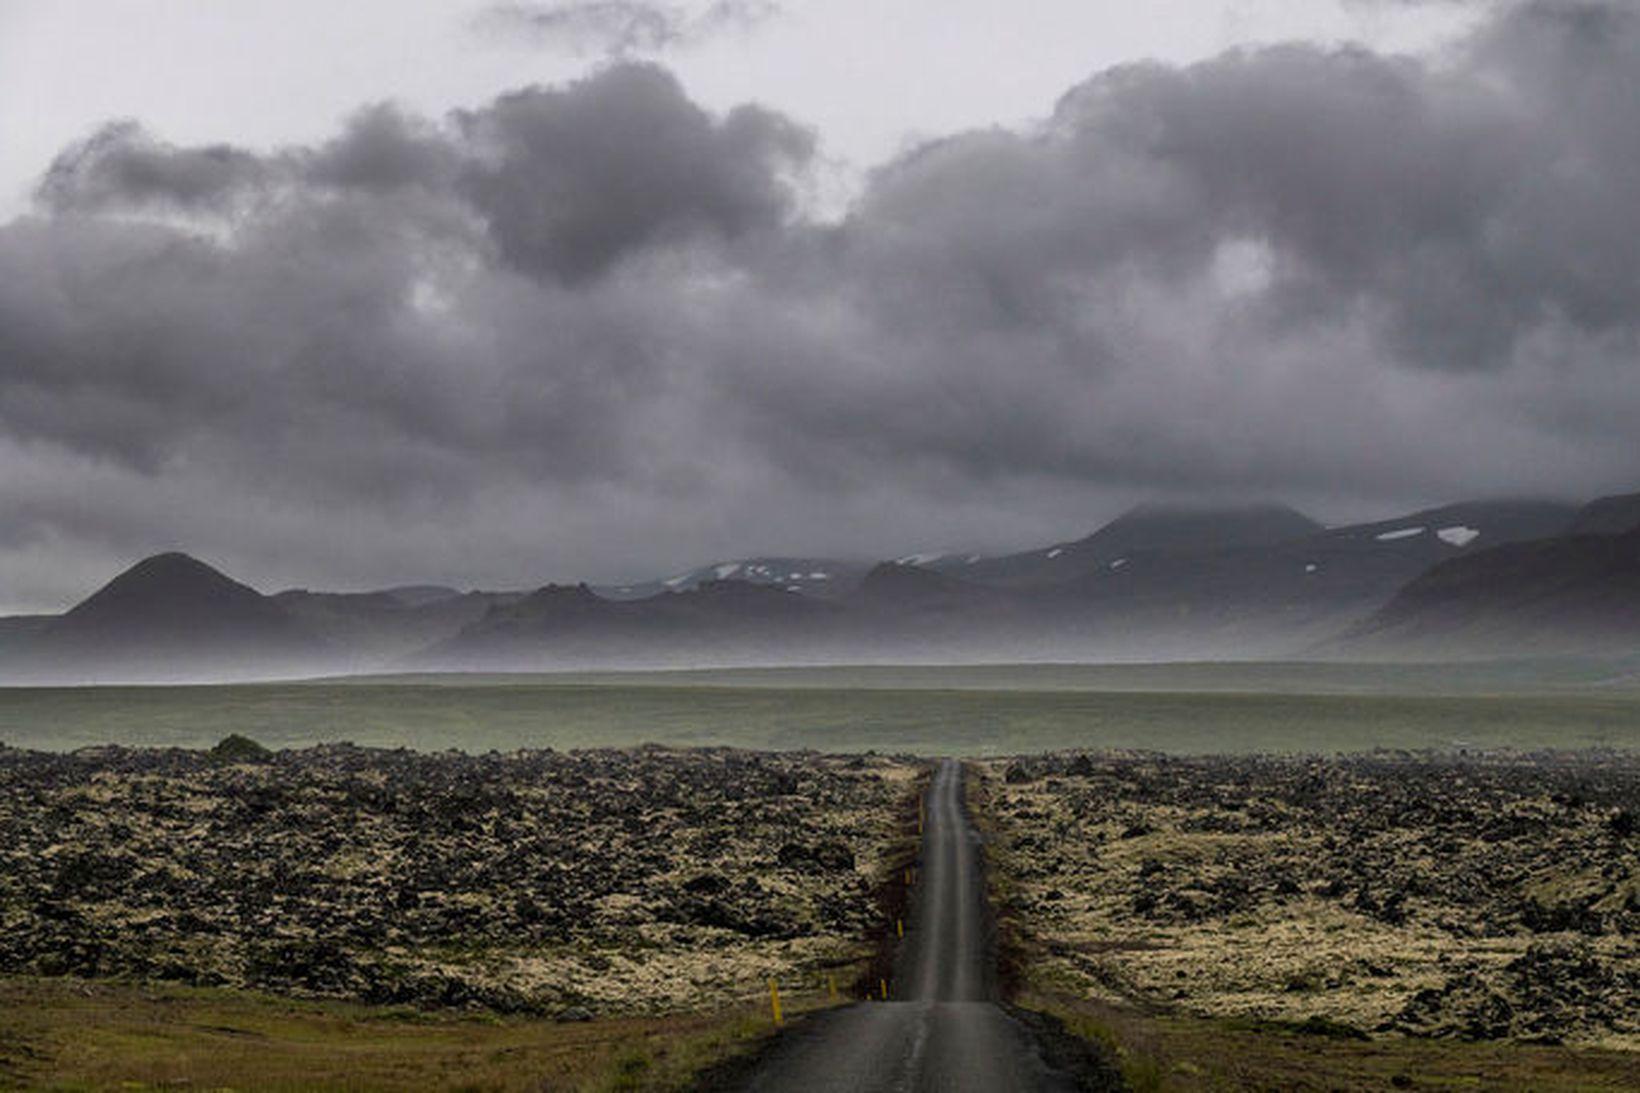 Óveður er á Vatnaleiðinni á Snæfellsnesi, Fróðarheiði, Útnesjavegi og Bröttubrekku. …